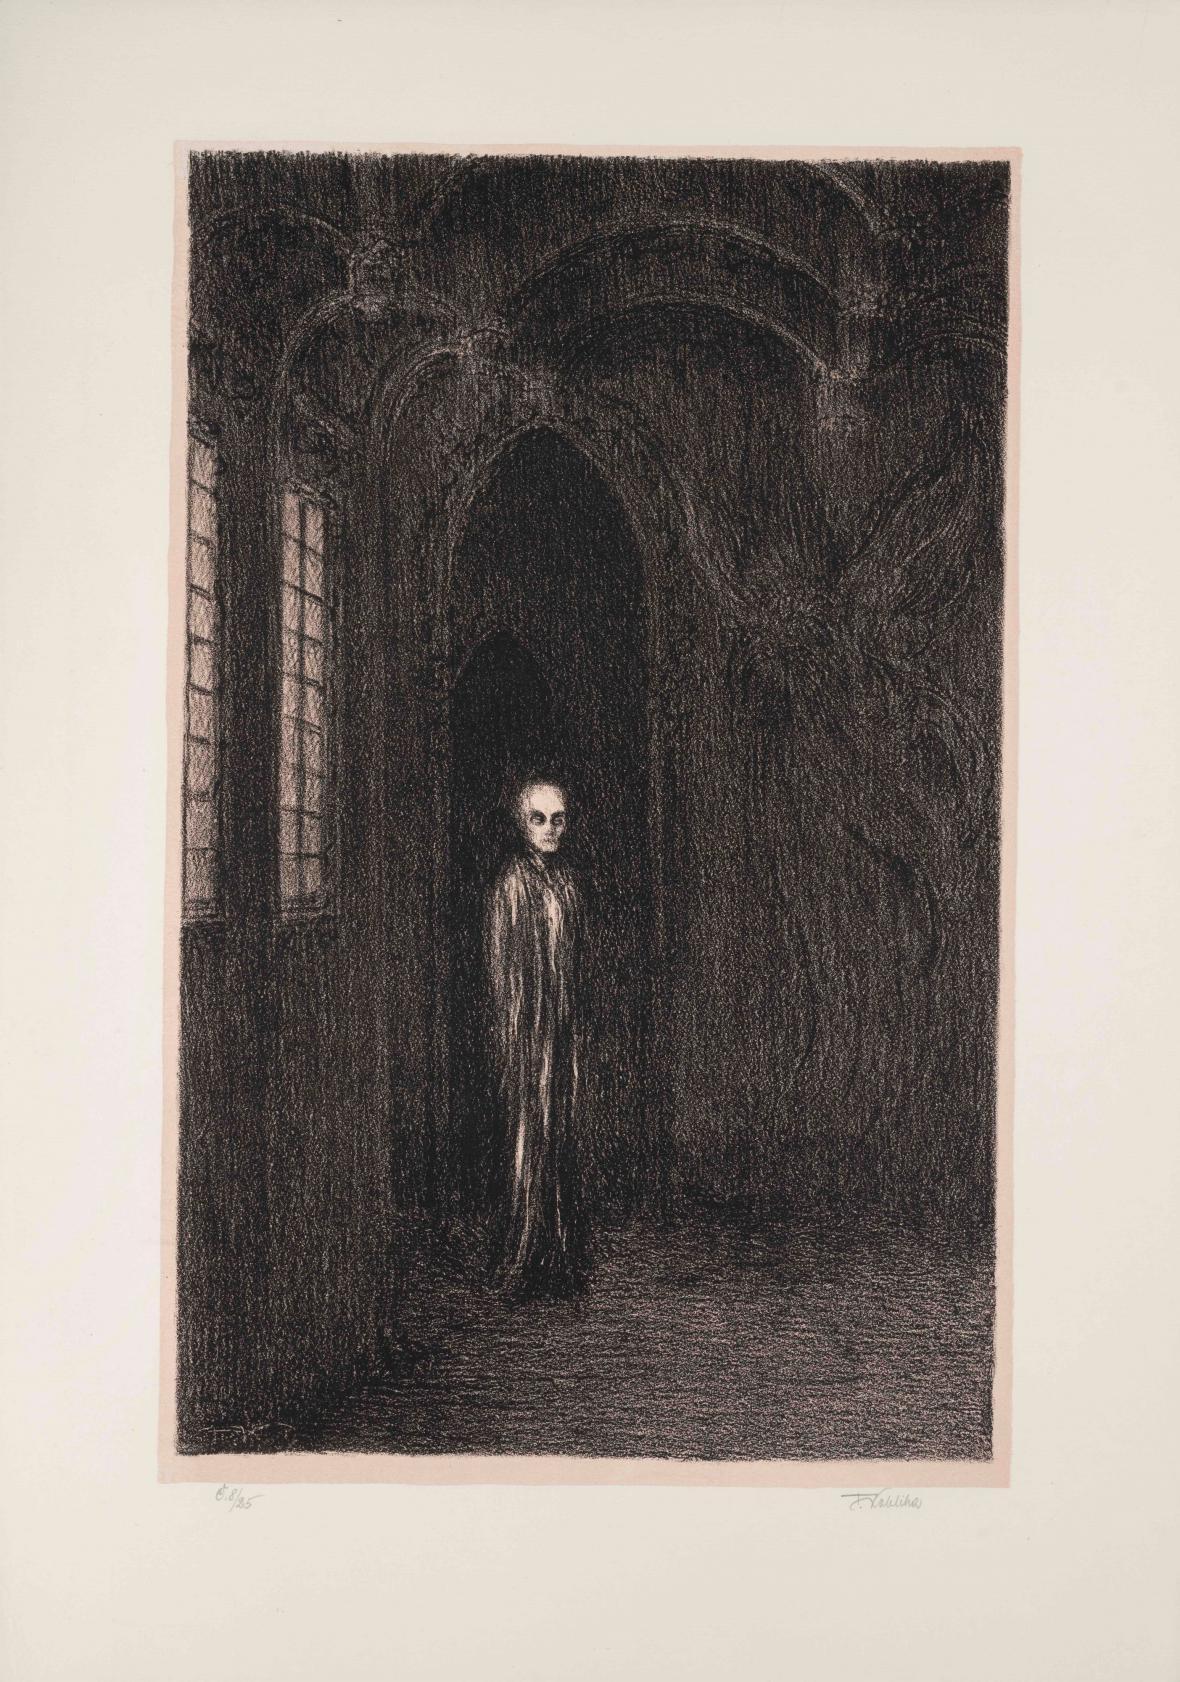 František Kobliha / Maska červené smrti, z cyklu Třicet litografií k básním a prosám E. A. Poe, 1950